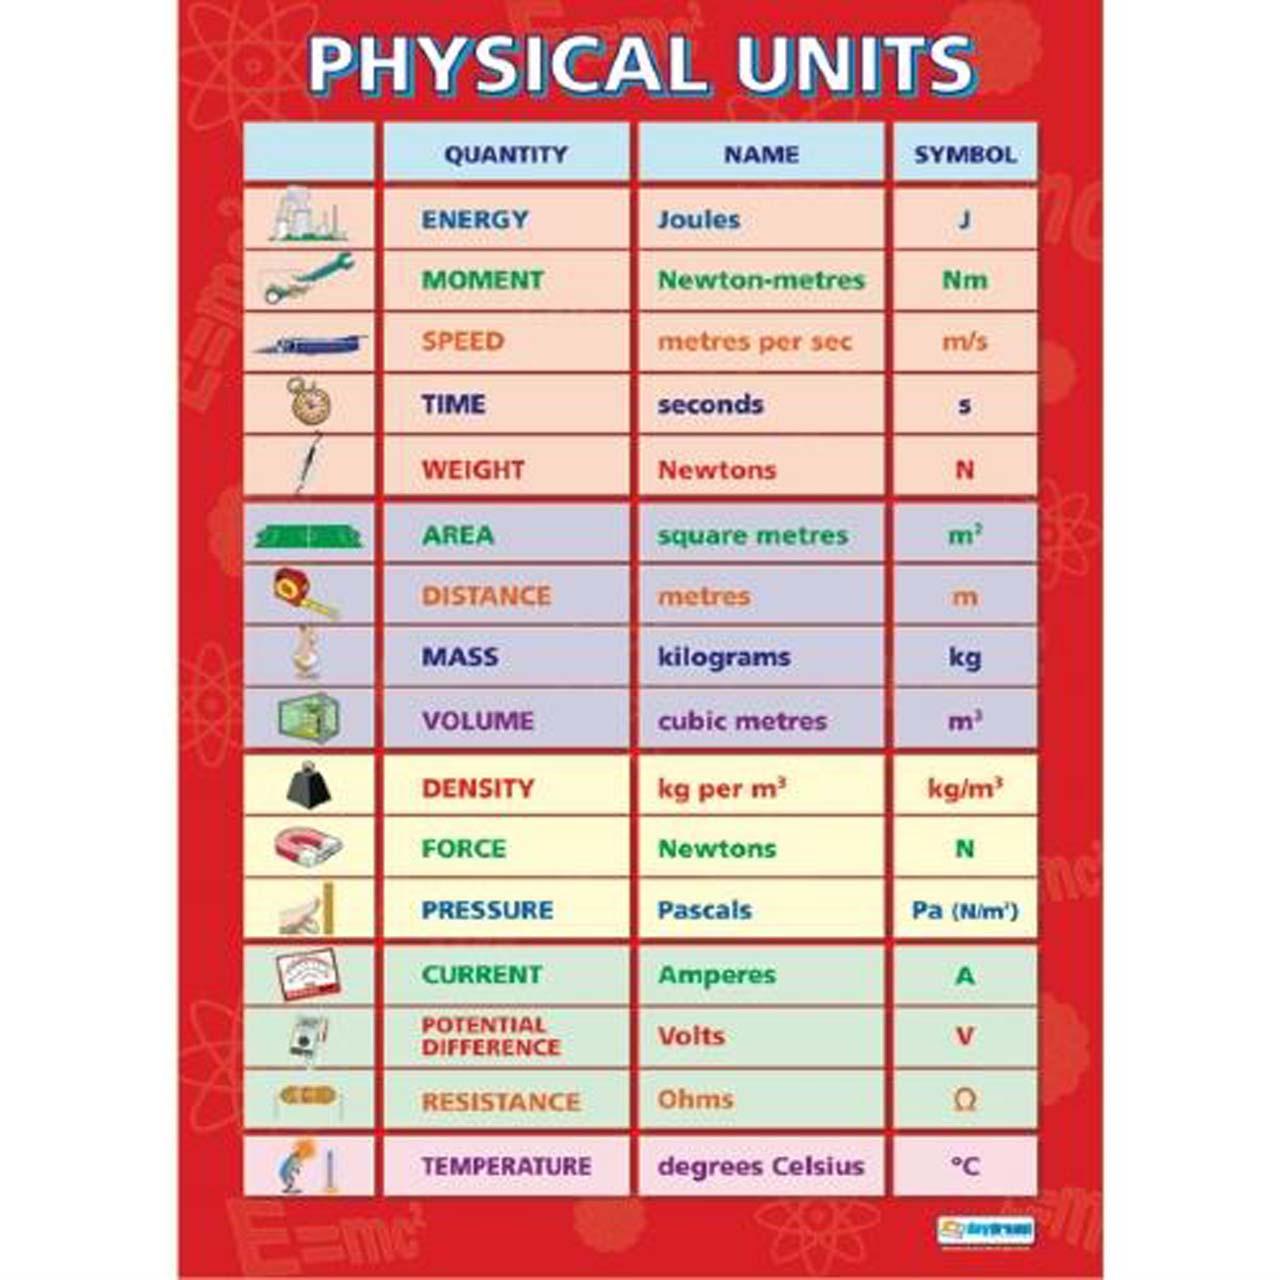 XAC020010 - Physical units, Chart